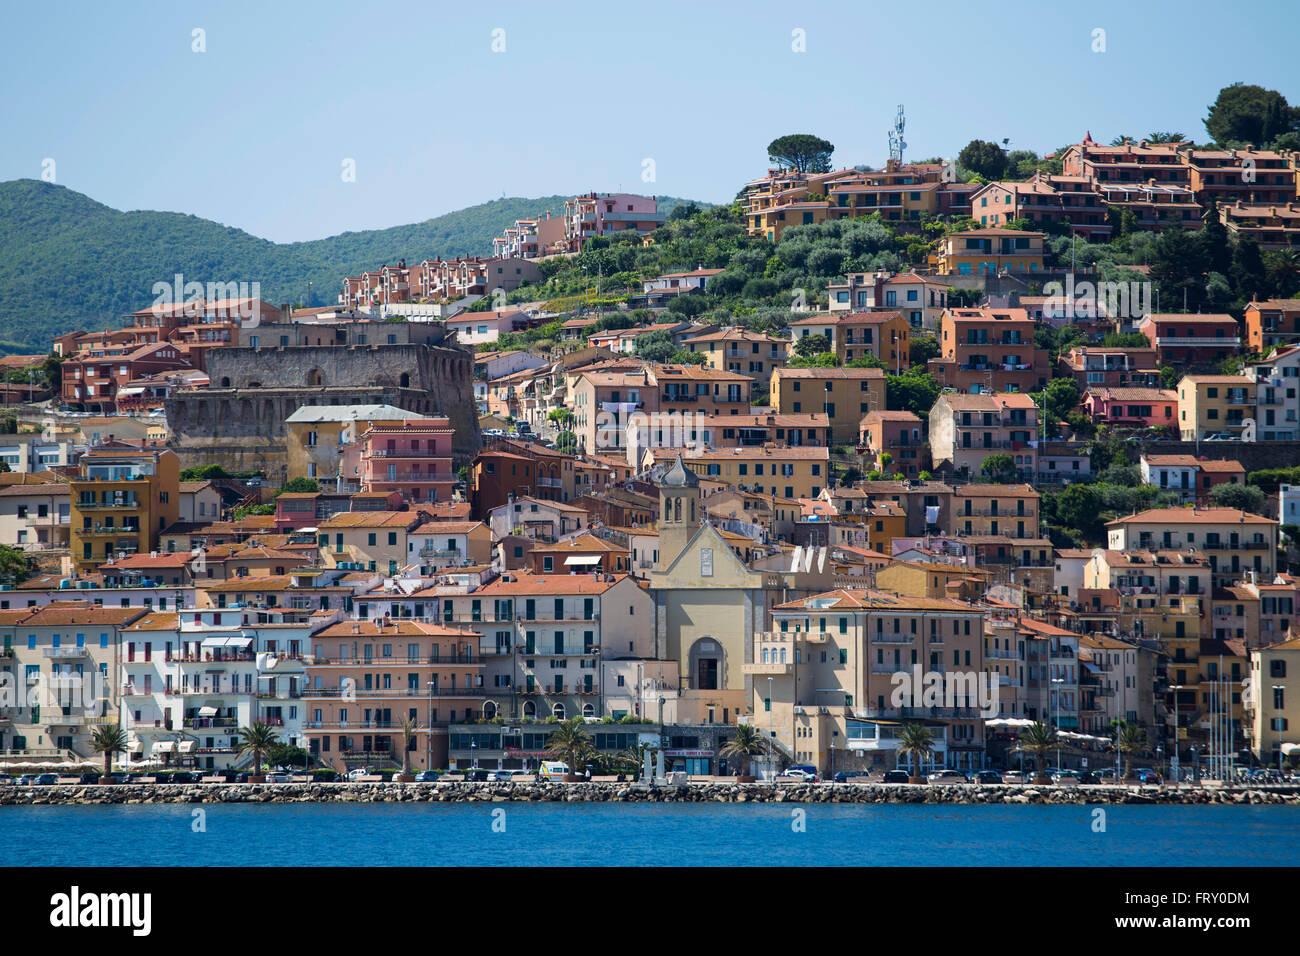 Porto Santo Stefano, Tuscany, Italy - Stock Image